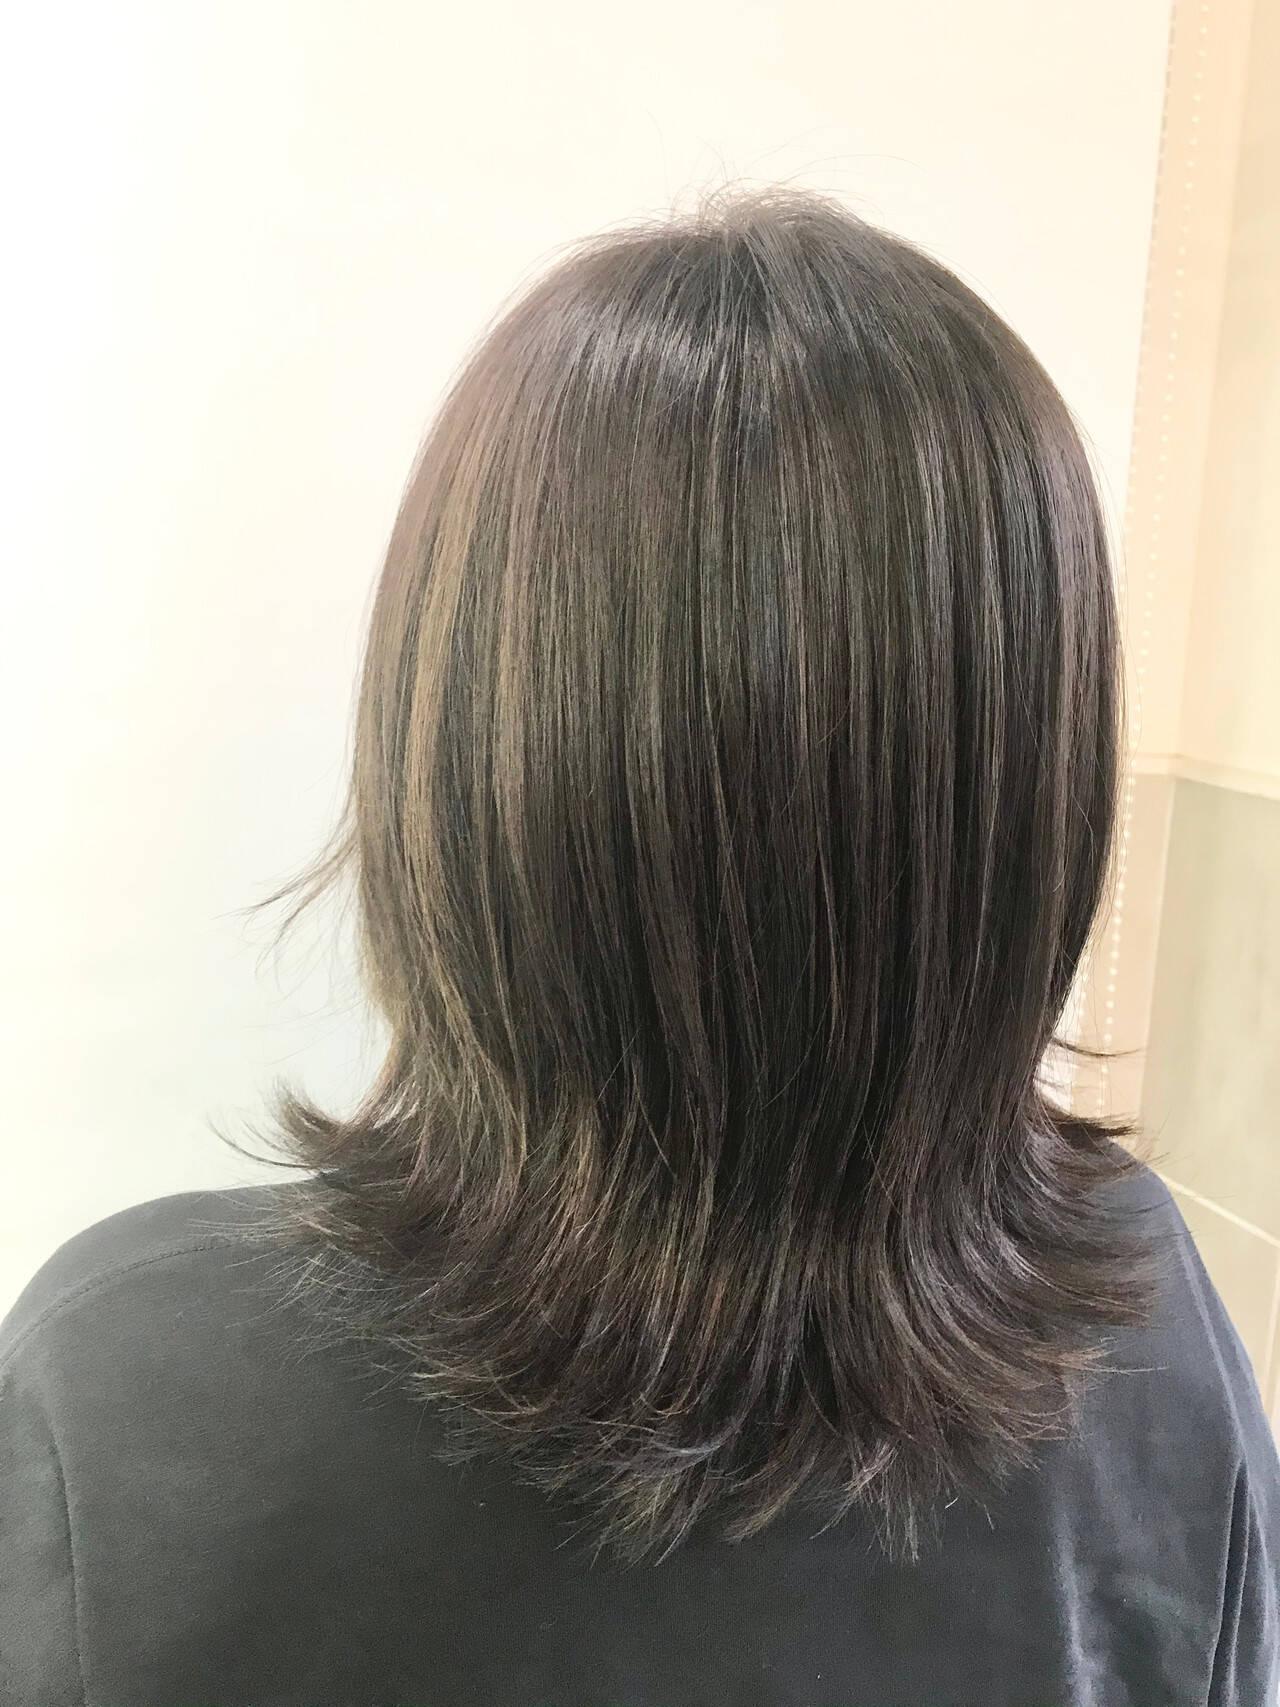 セミロング 大人ハイライト ナチュラル ハイライトヘアスタイルや髪型の写真・画像